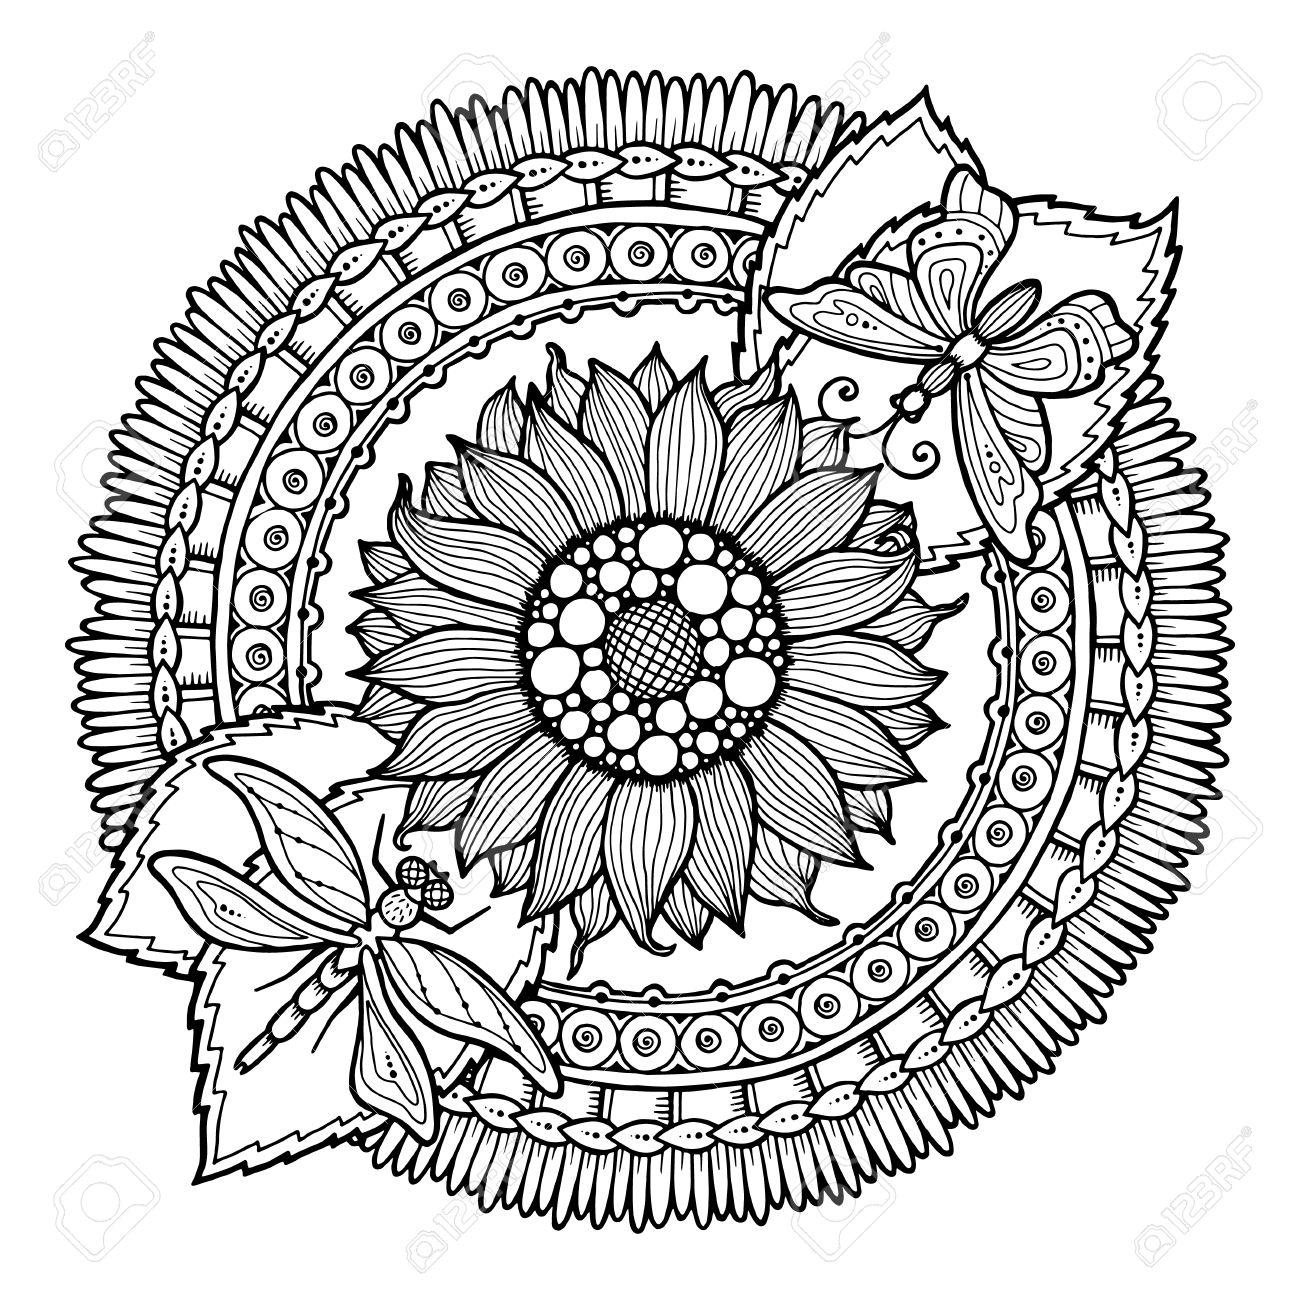 Cercle été Ornement Doodle De Fleurs Hand Drawn Art Mandala Fabriqué Par La Trace De L Esquisse Origine Ethnique Noir Et Blanc Zentangle Modèle